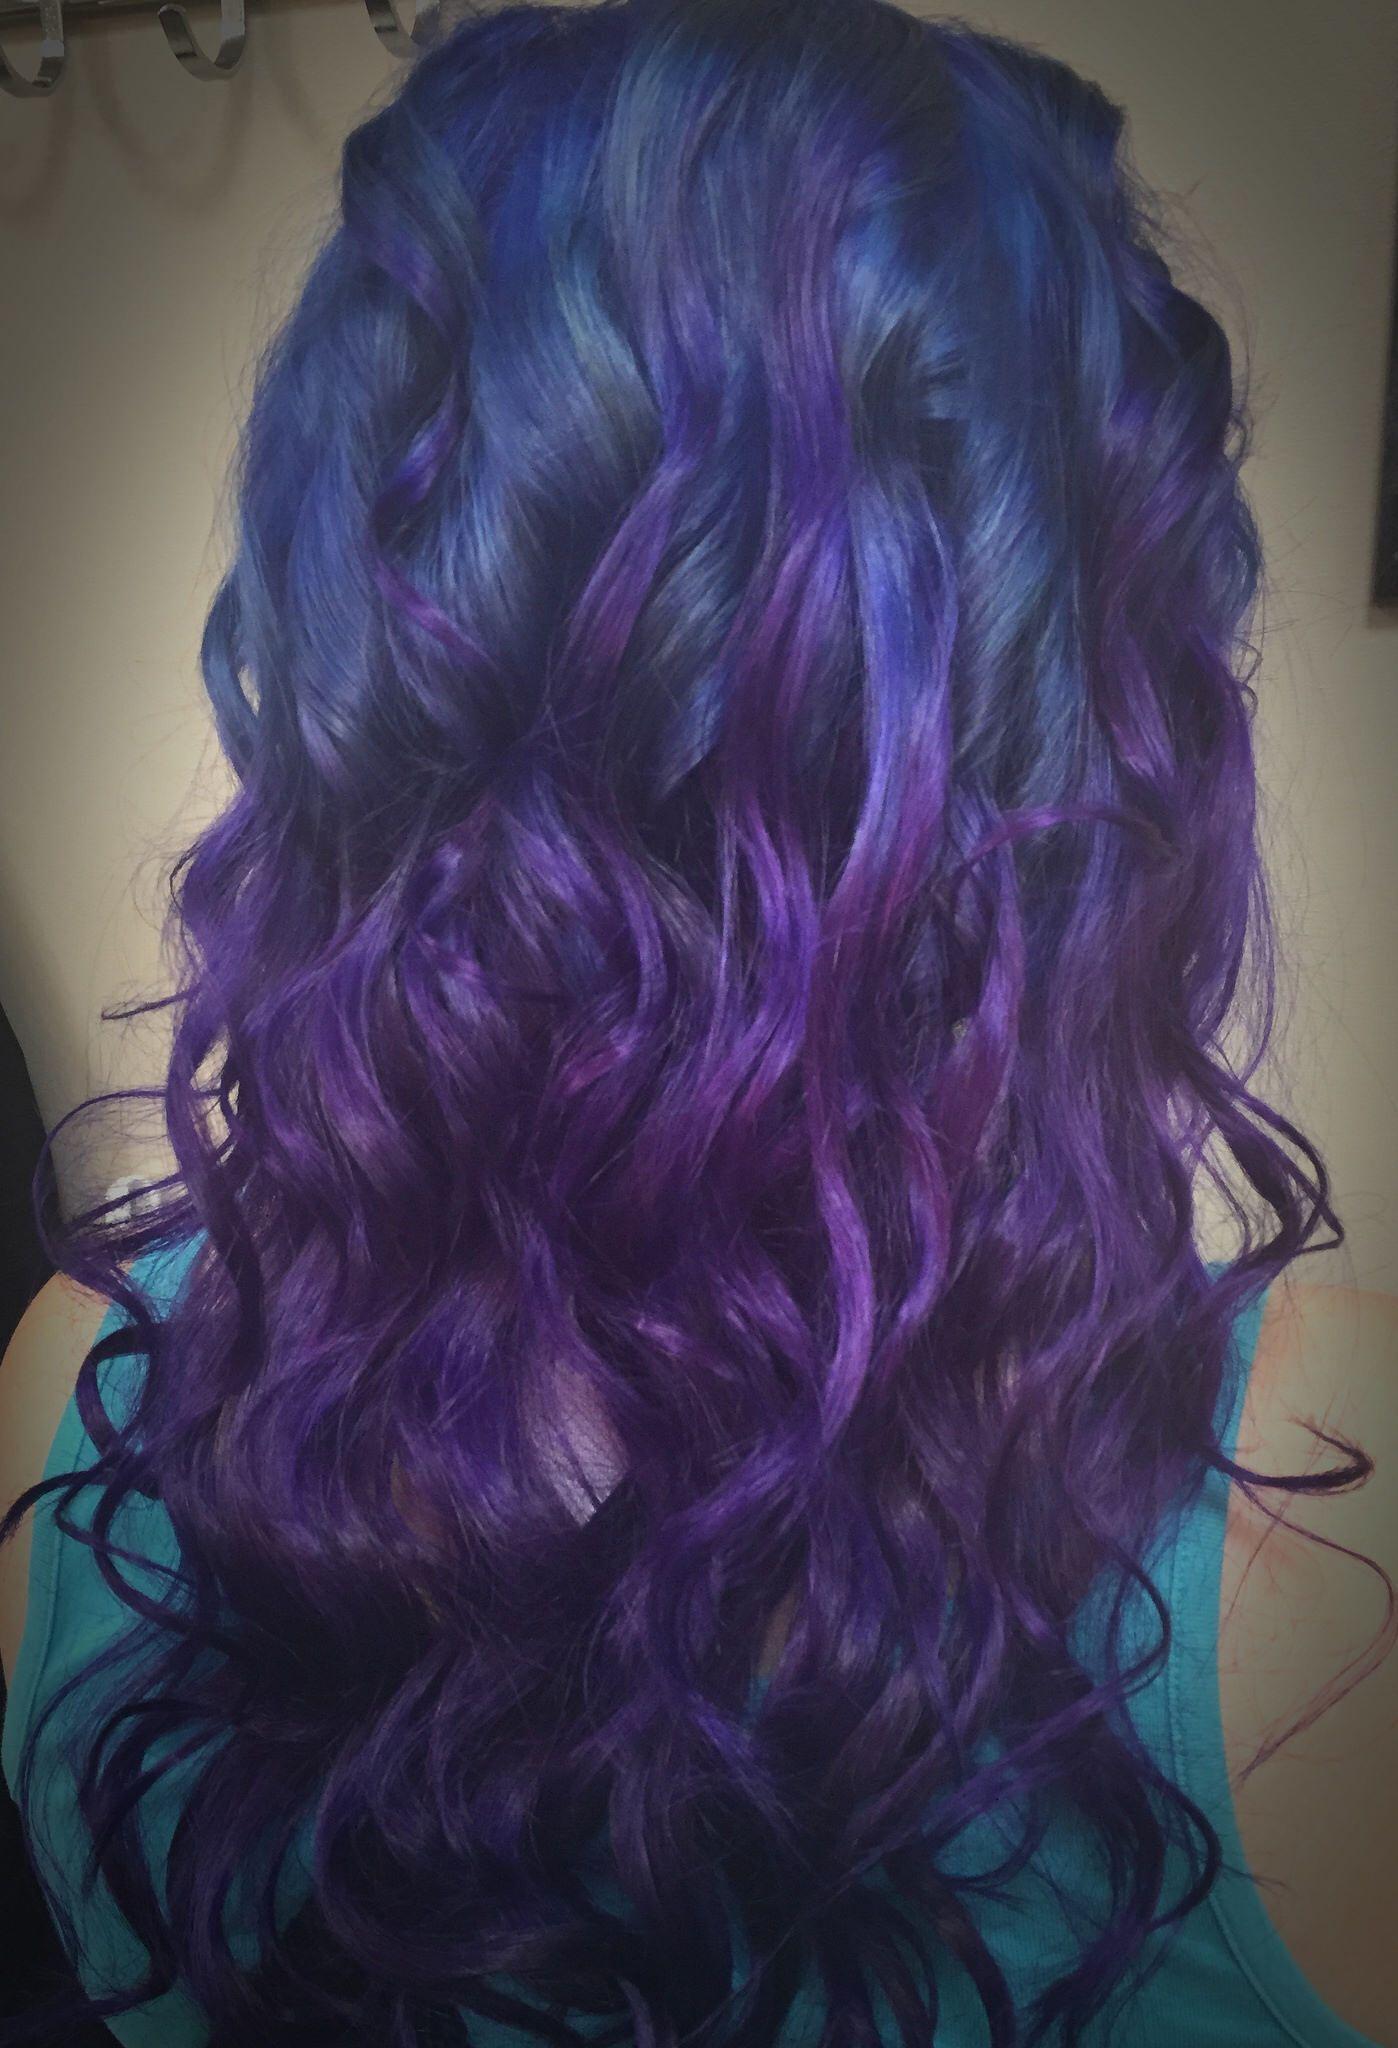 Blue and purple hair hair purple hair blue hair minot nd hair